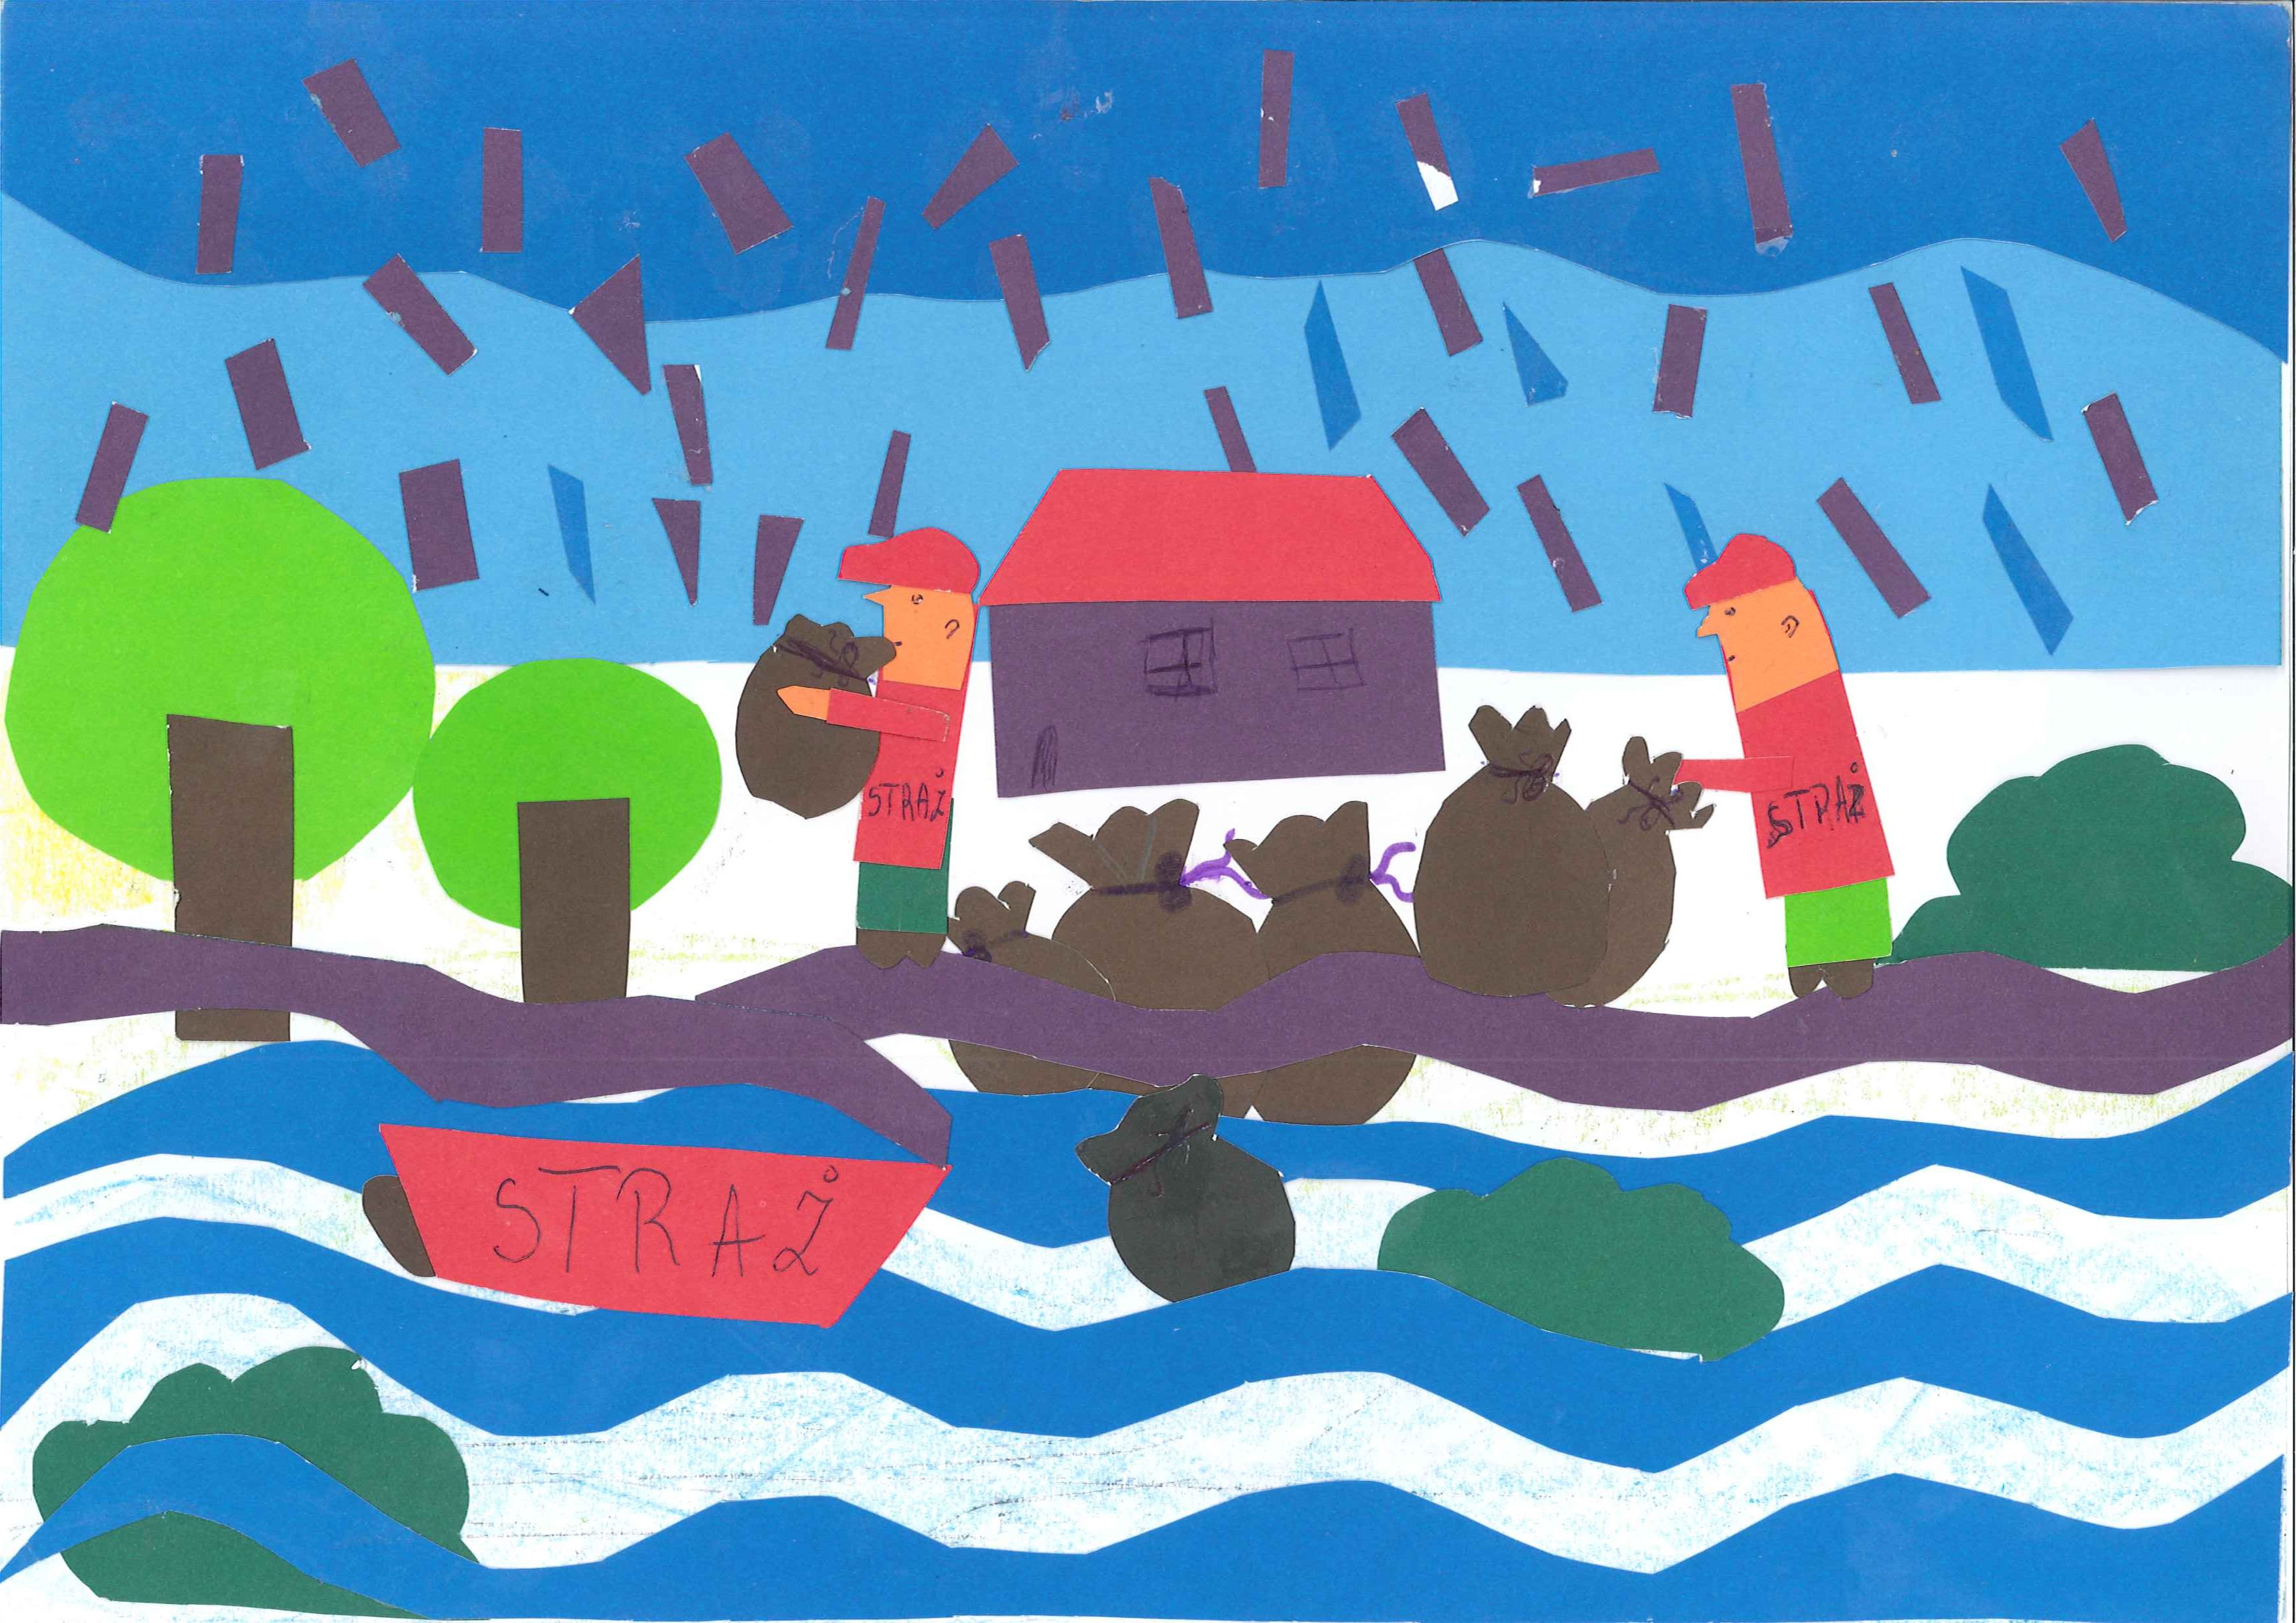 dzieci, powódź, konkurs